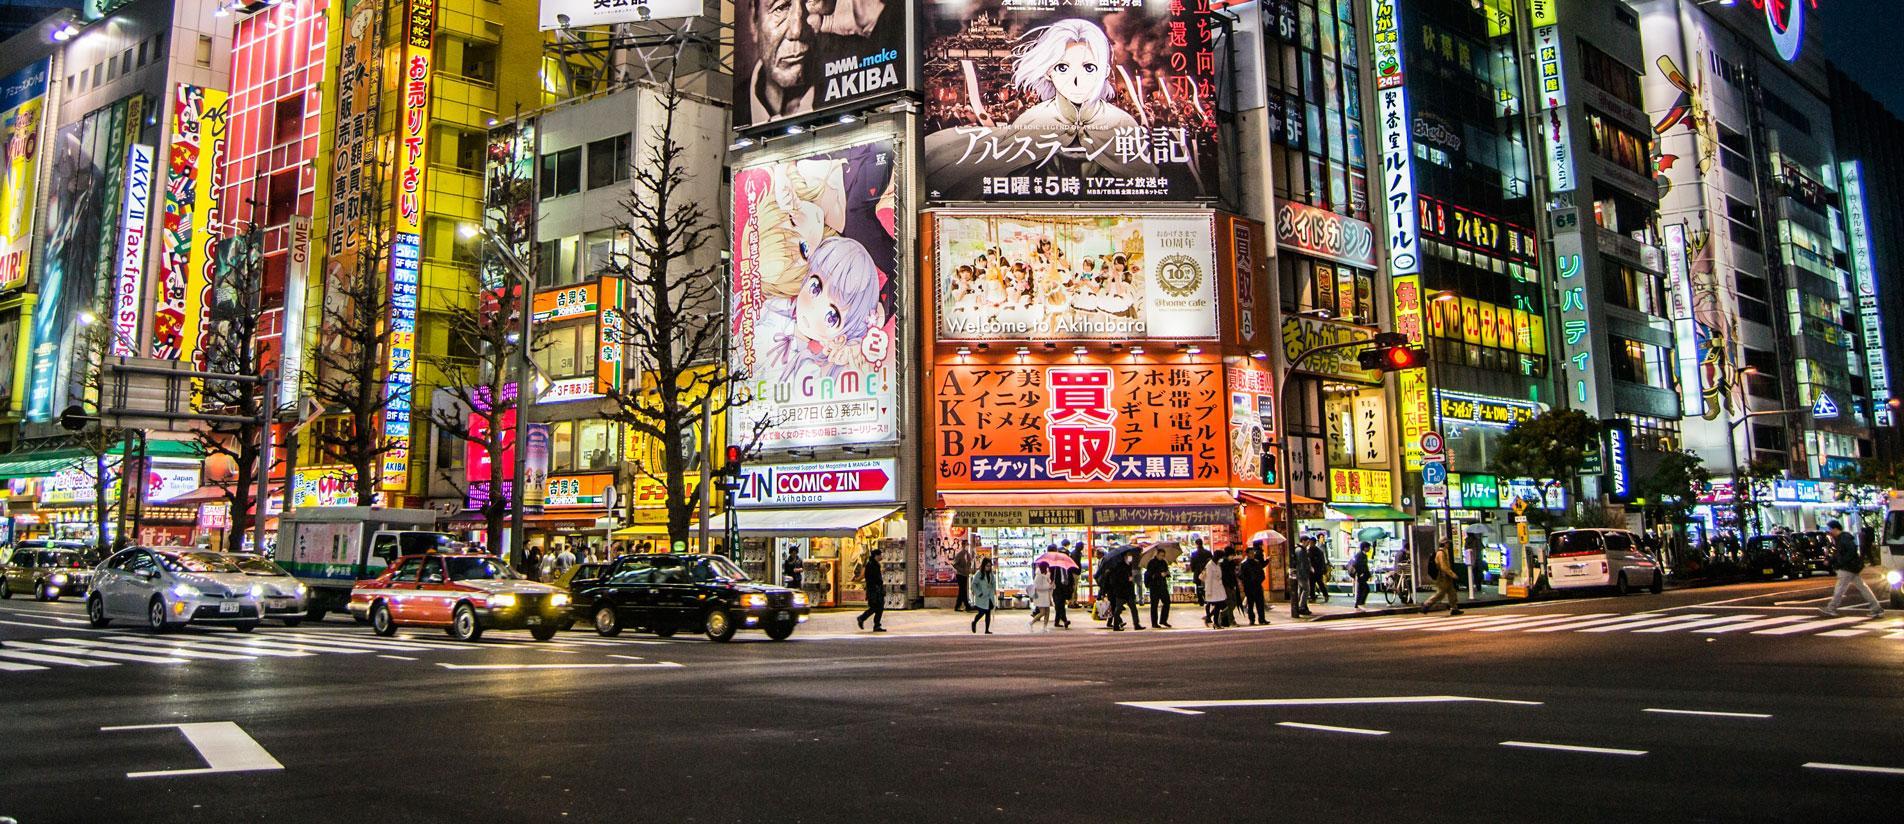 Когда дело доходит до азиатских мегаполисов, Токио относится к своей категории: несколько городов предлагают такое головокружительное множество ресторанов (более 80 000 человек)